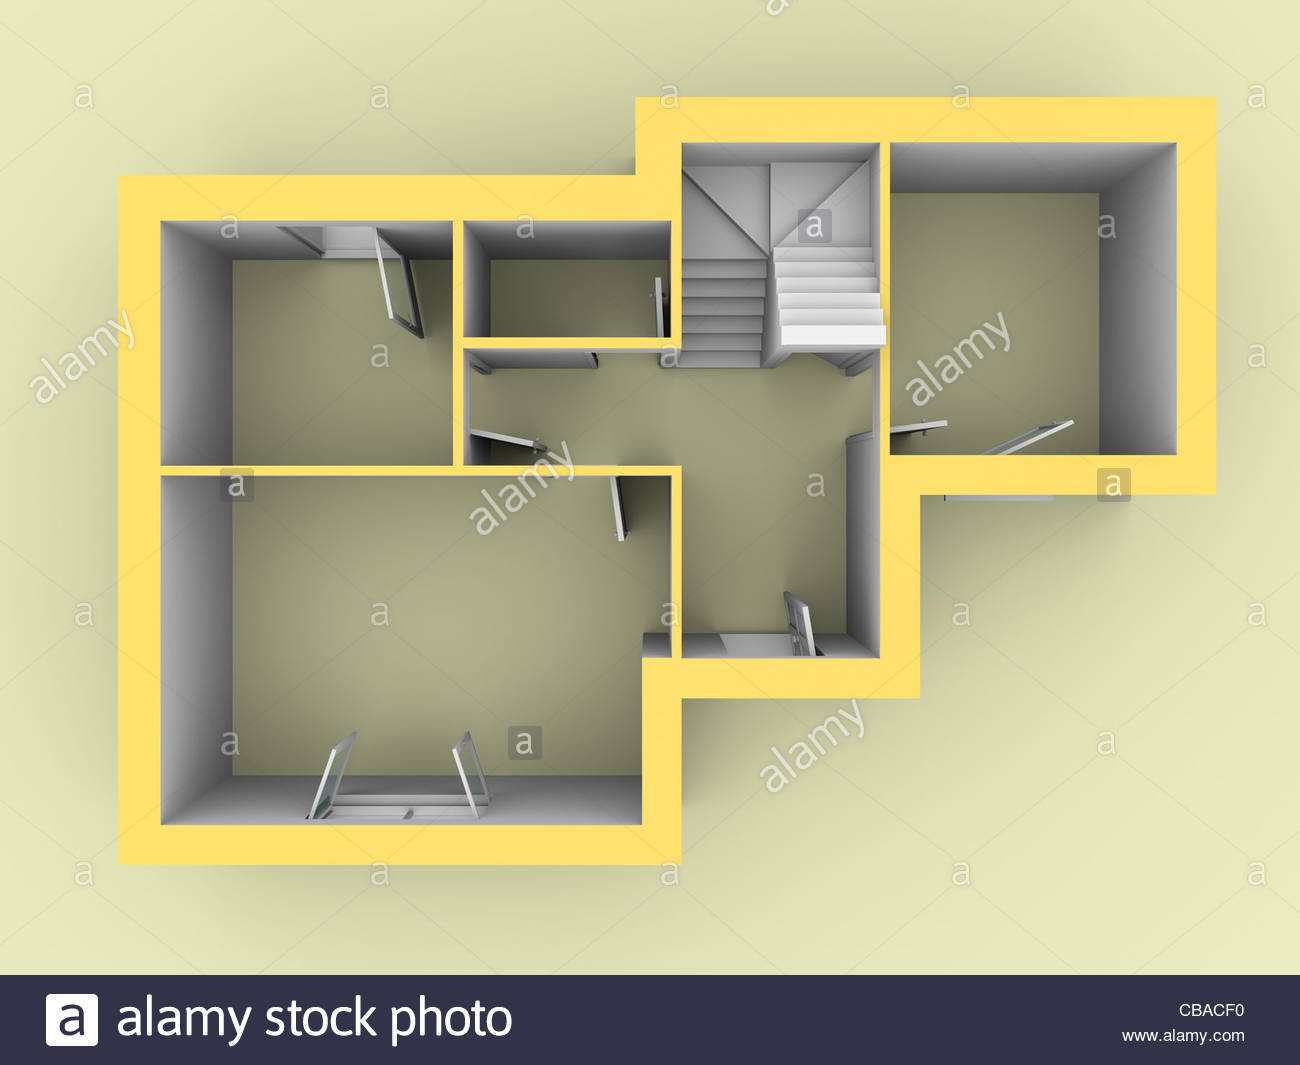 Modello 3d di una casa come si vede dalla vista dall'alto. Porte e finestre sono aperte Immagini Stock